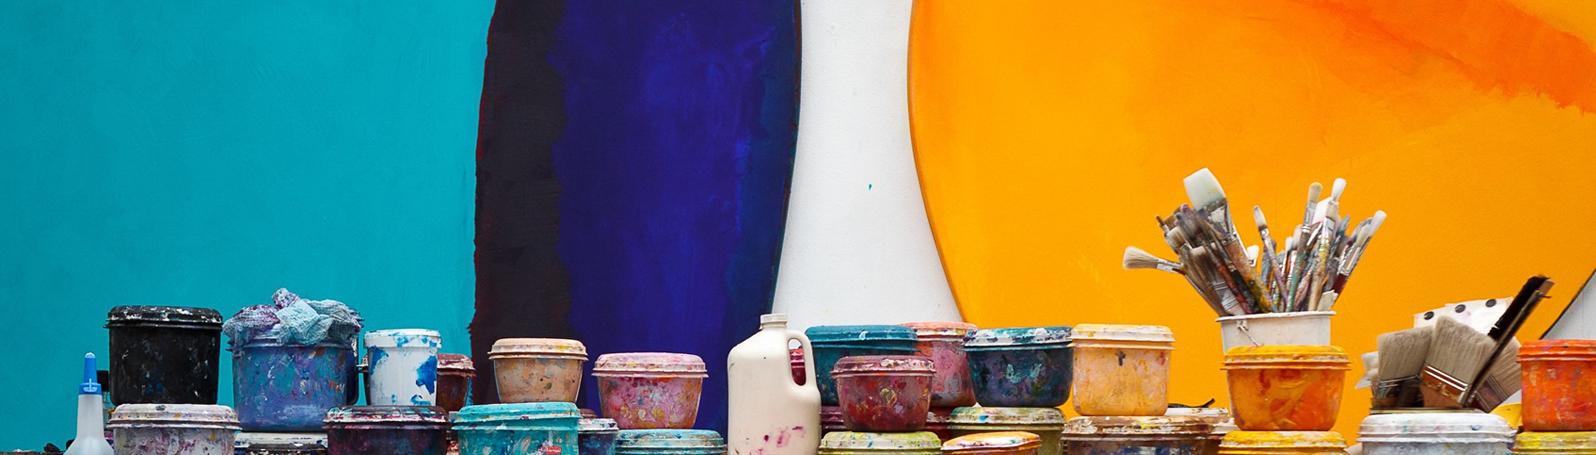 Materials, studio of Trevor Bell. Photograph © Steve Tanner.